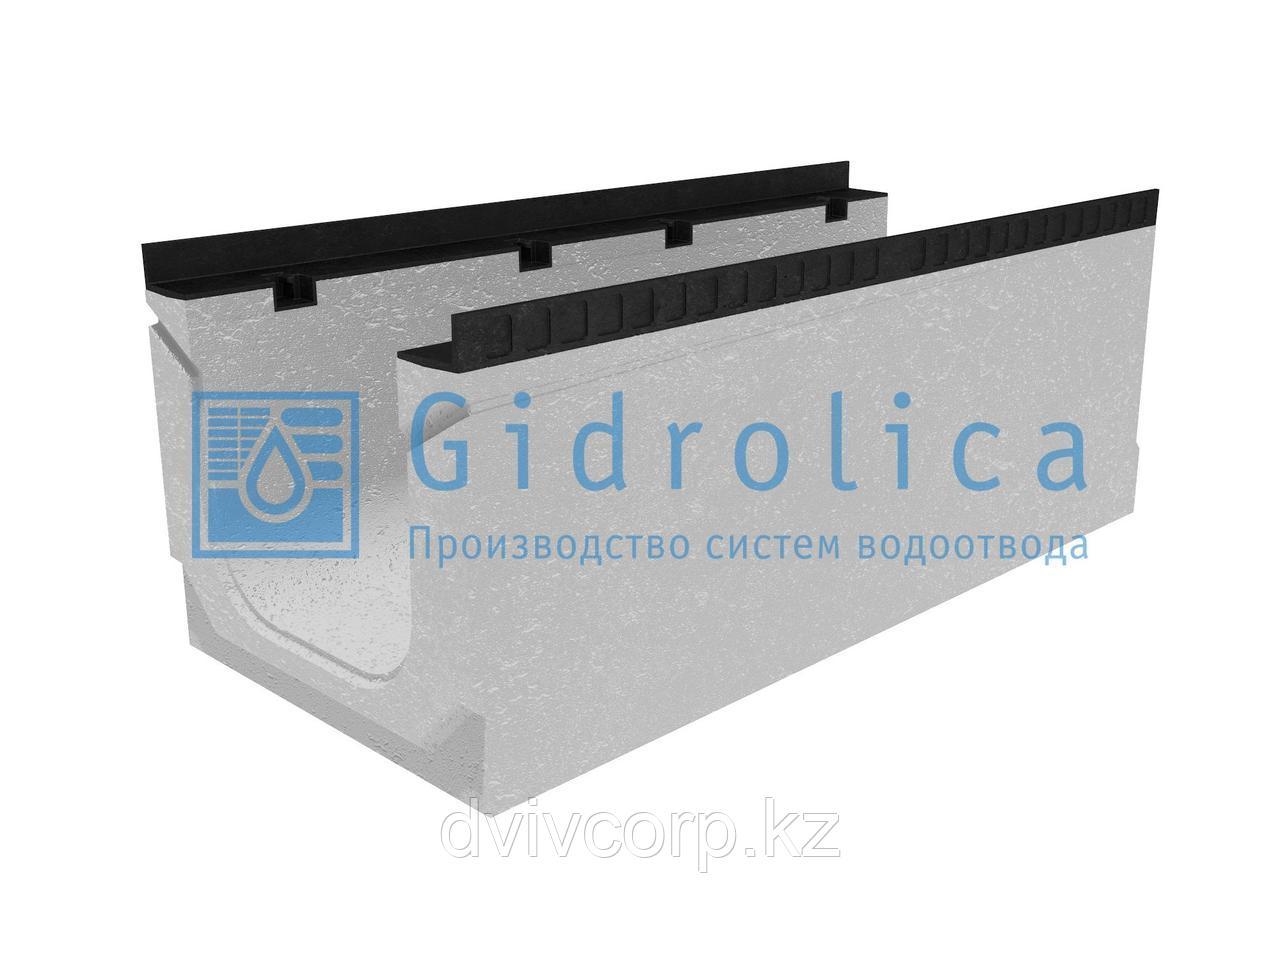 Лоток водоотводный бетонный коробчатый (СО-300мм), с уклоном 0,5%  КПу 100.44(30).39(32) - BGМ-F, № 16